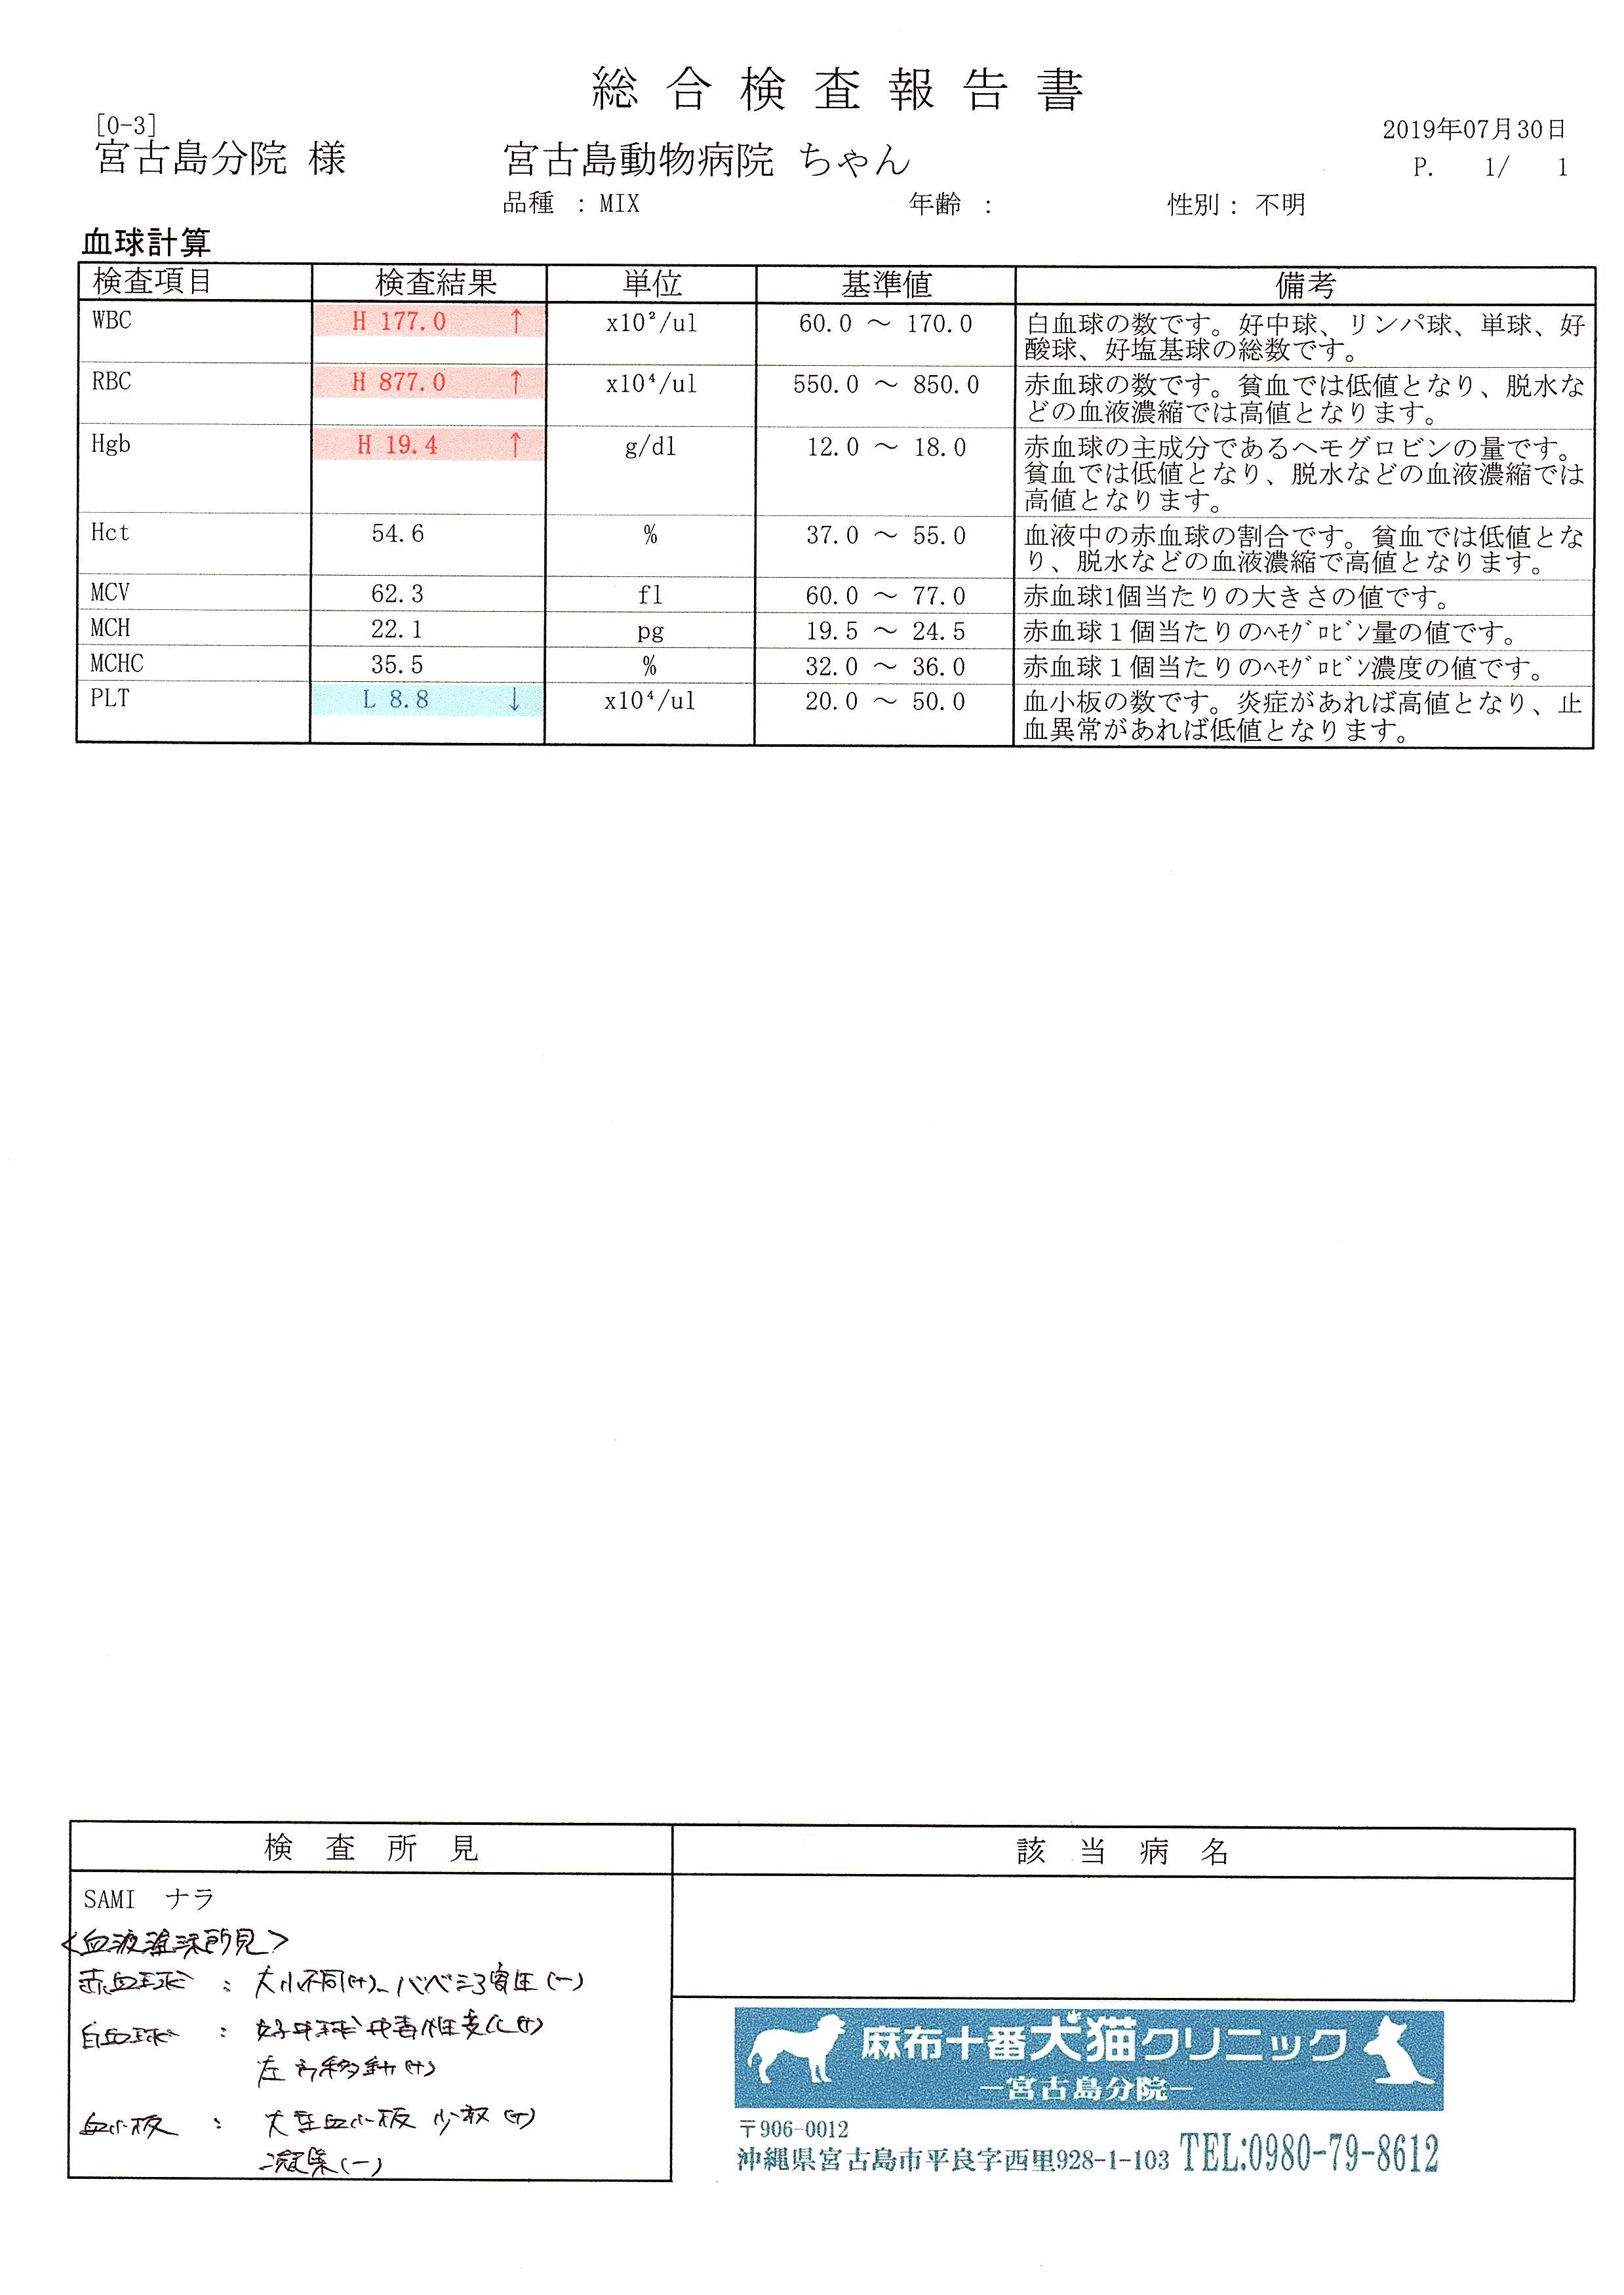 ナラ医療明細190730